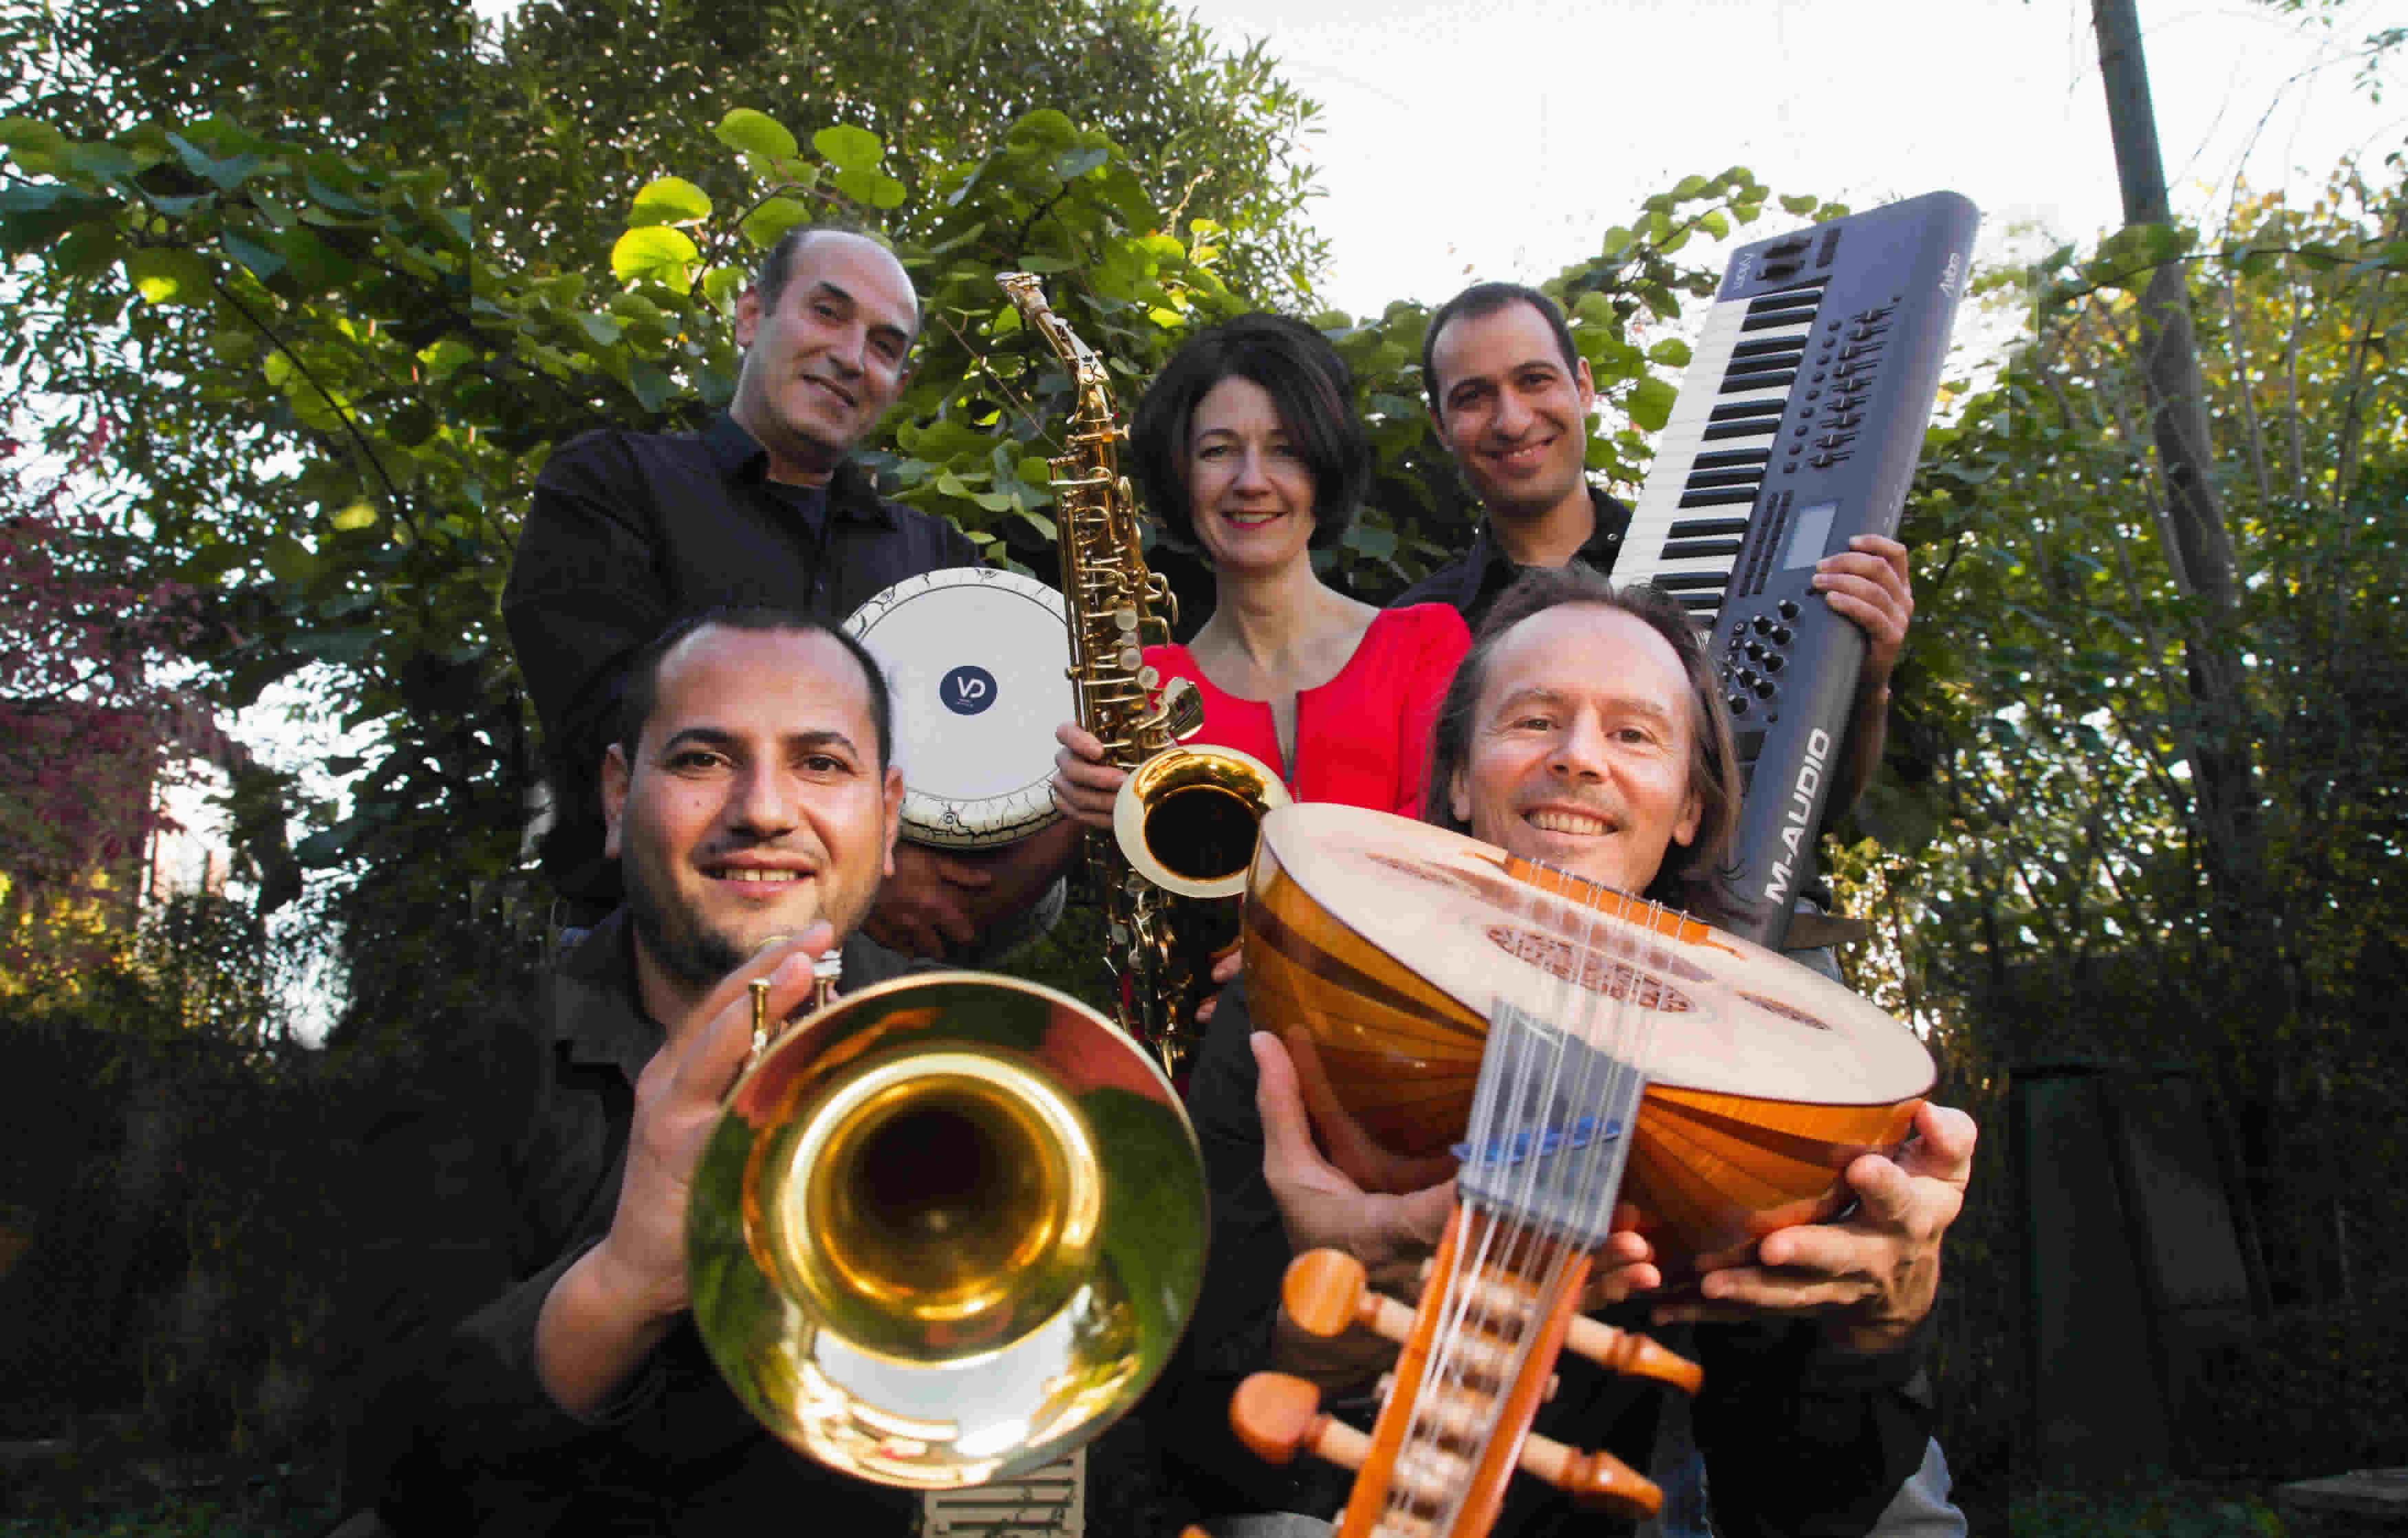 Pressefoto 3 Ssassa Gypsy Musik, zur freien Verfügung, Bild Jan Bolliger